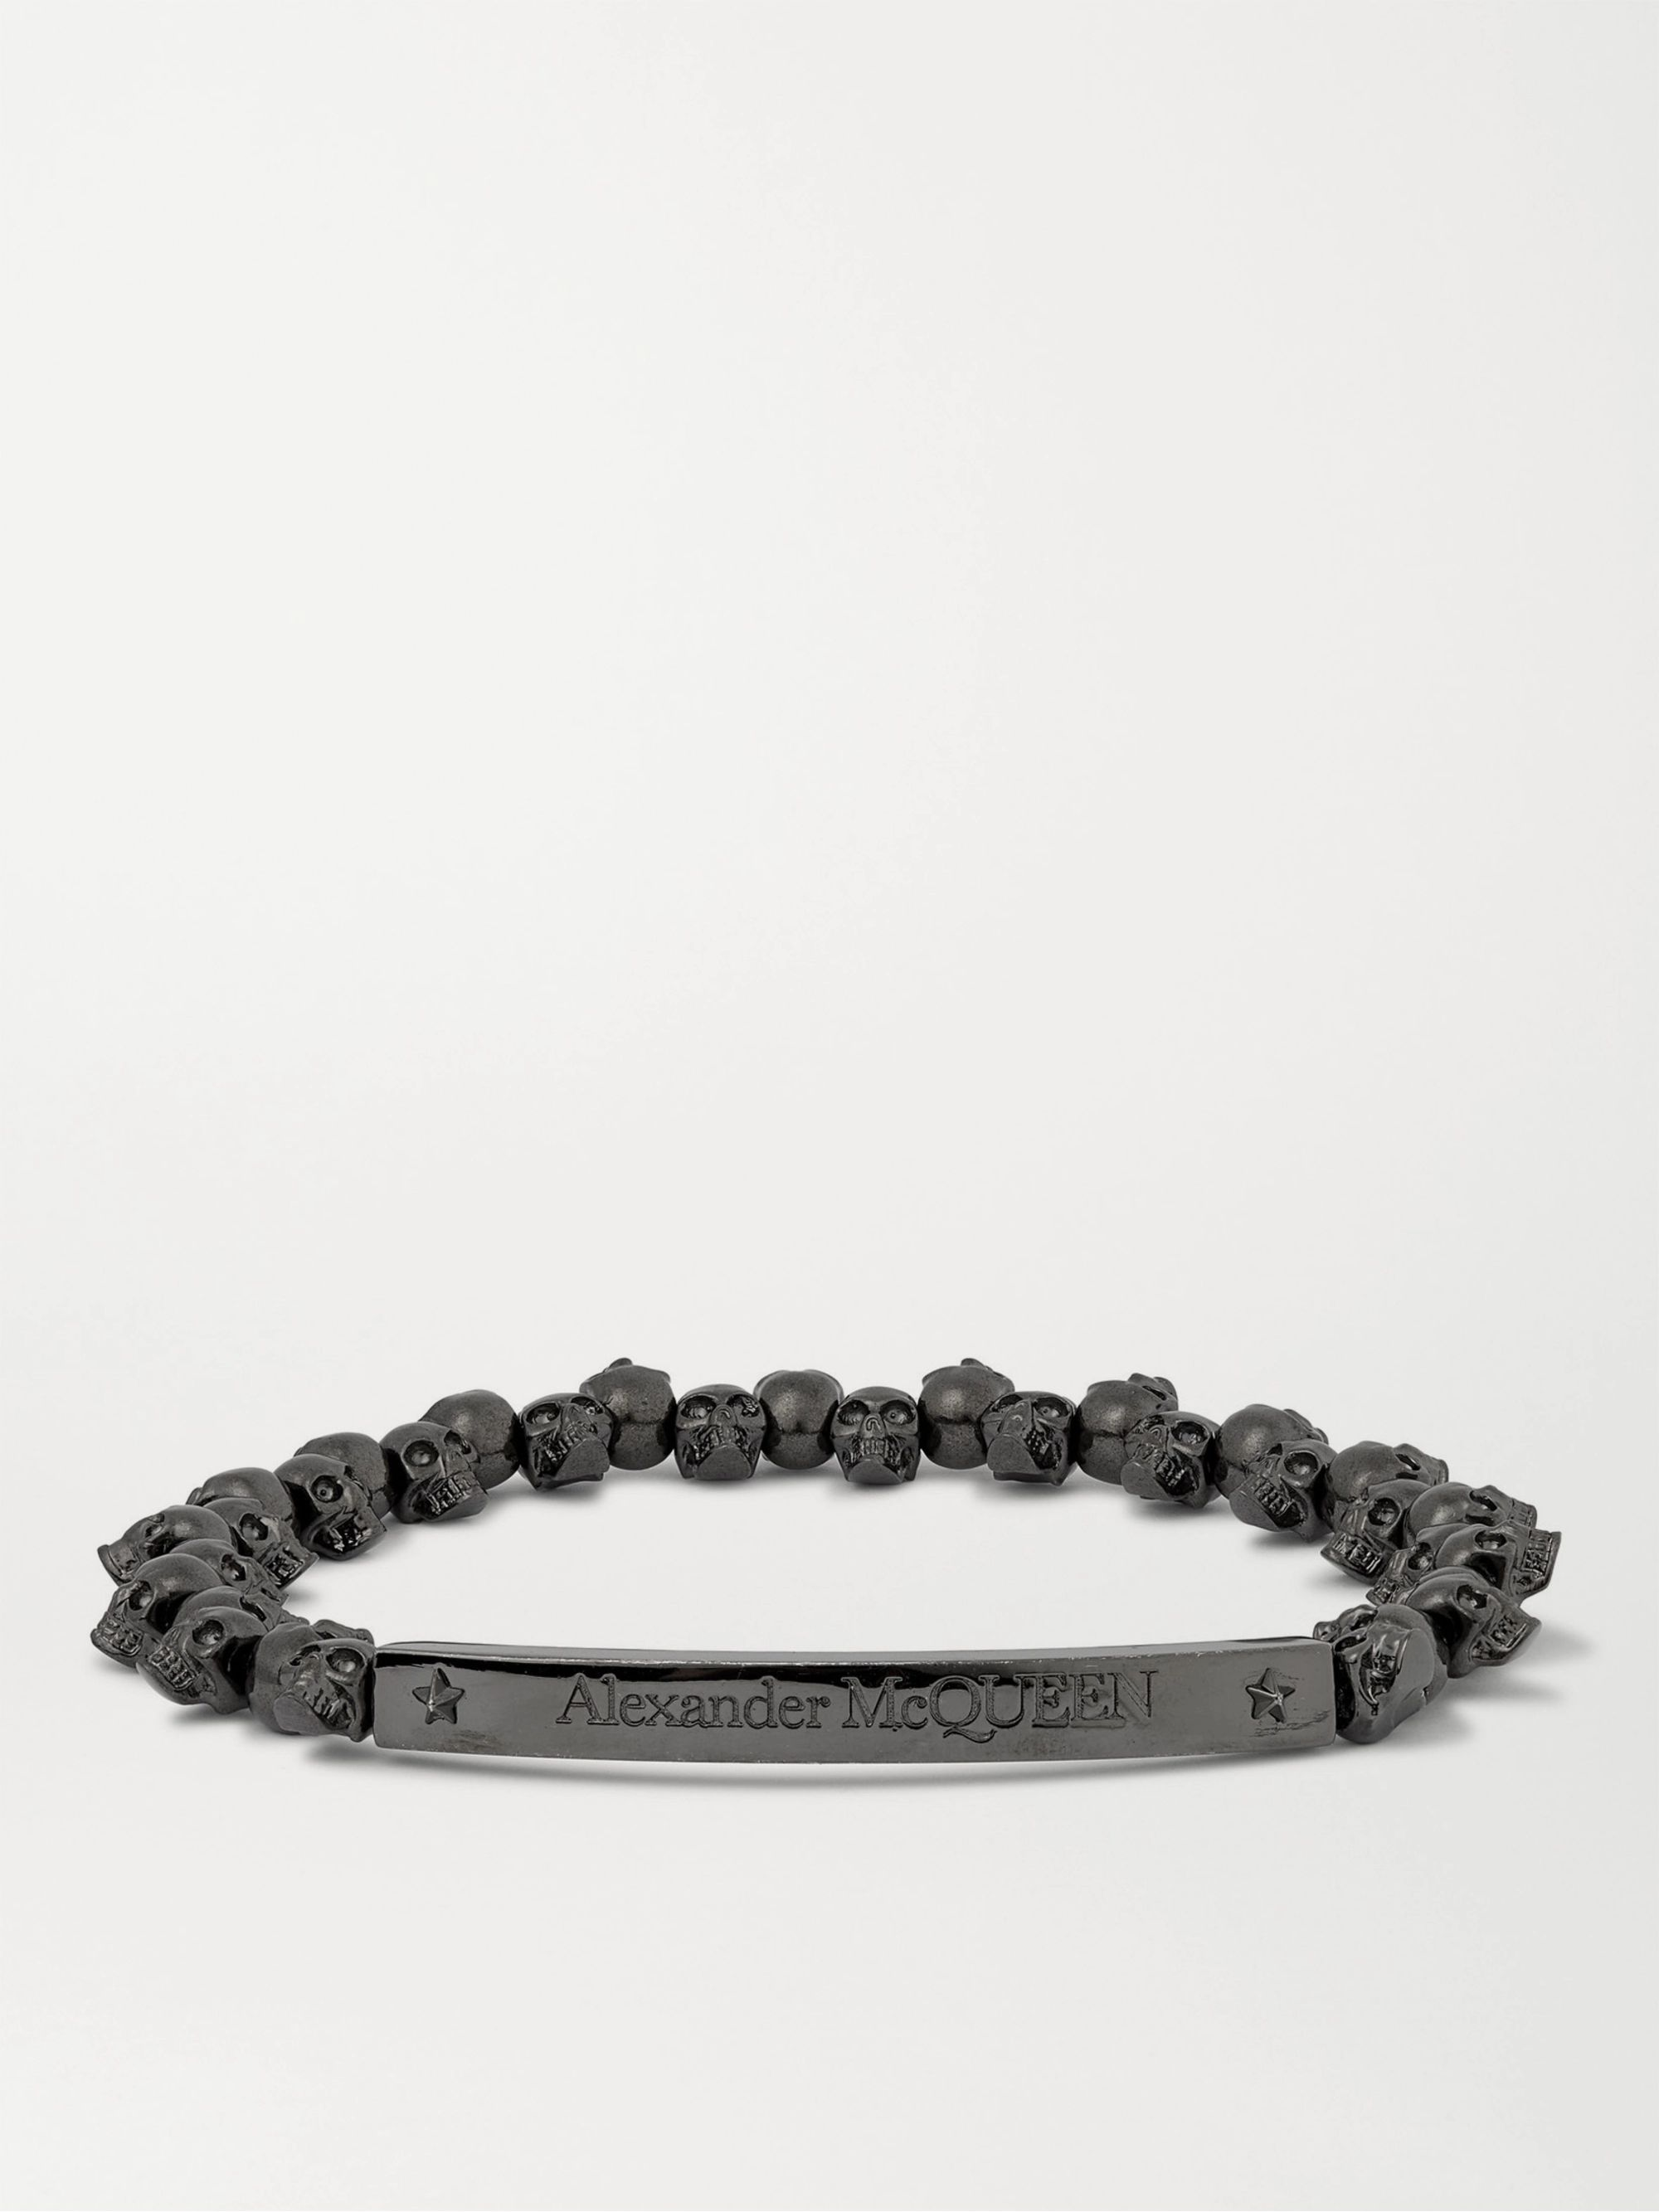 알렉산더 맥퀸 팔찌 Alexander McQueen Gunmetal-Tone Bracelet,Black